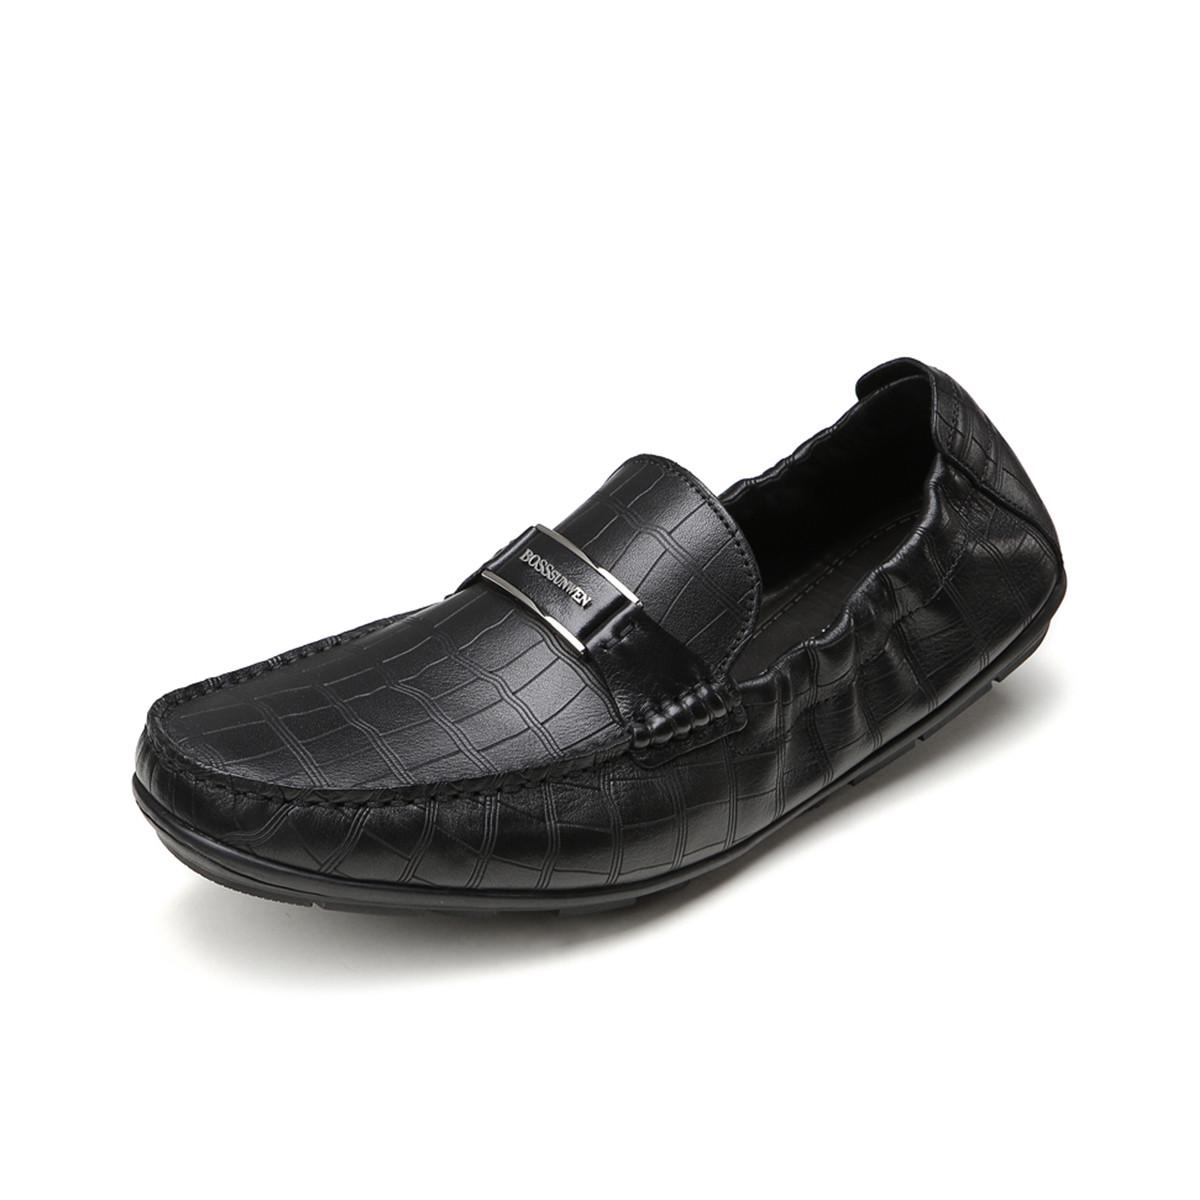 BOSSSUNWEN牛皮轻便柔软男款男士商务皮鞋男皮鞋男鞋31811012466791